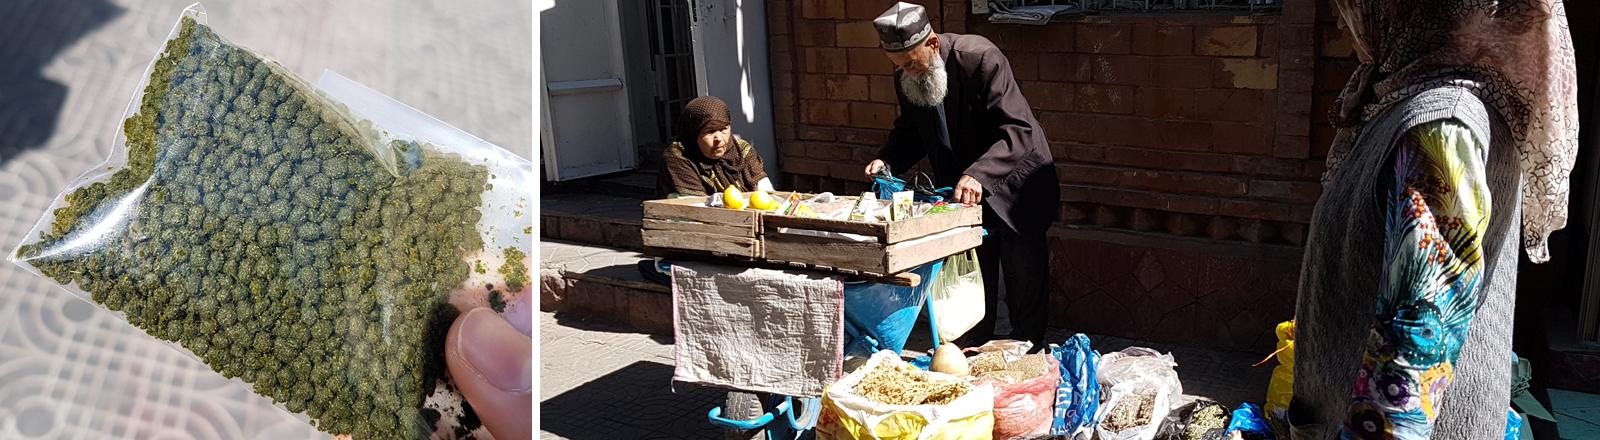 Die legale Droge Chicken-Shit auf dem Markt in Tadschikistan.